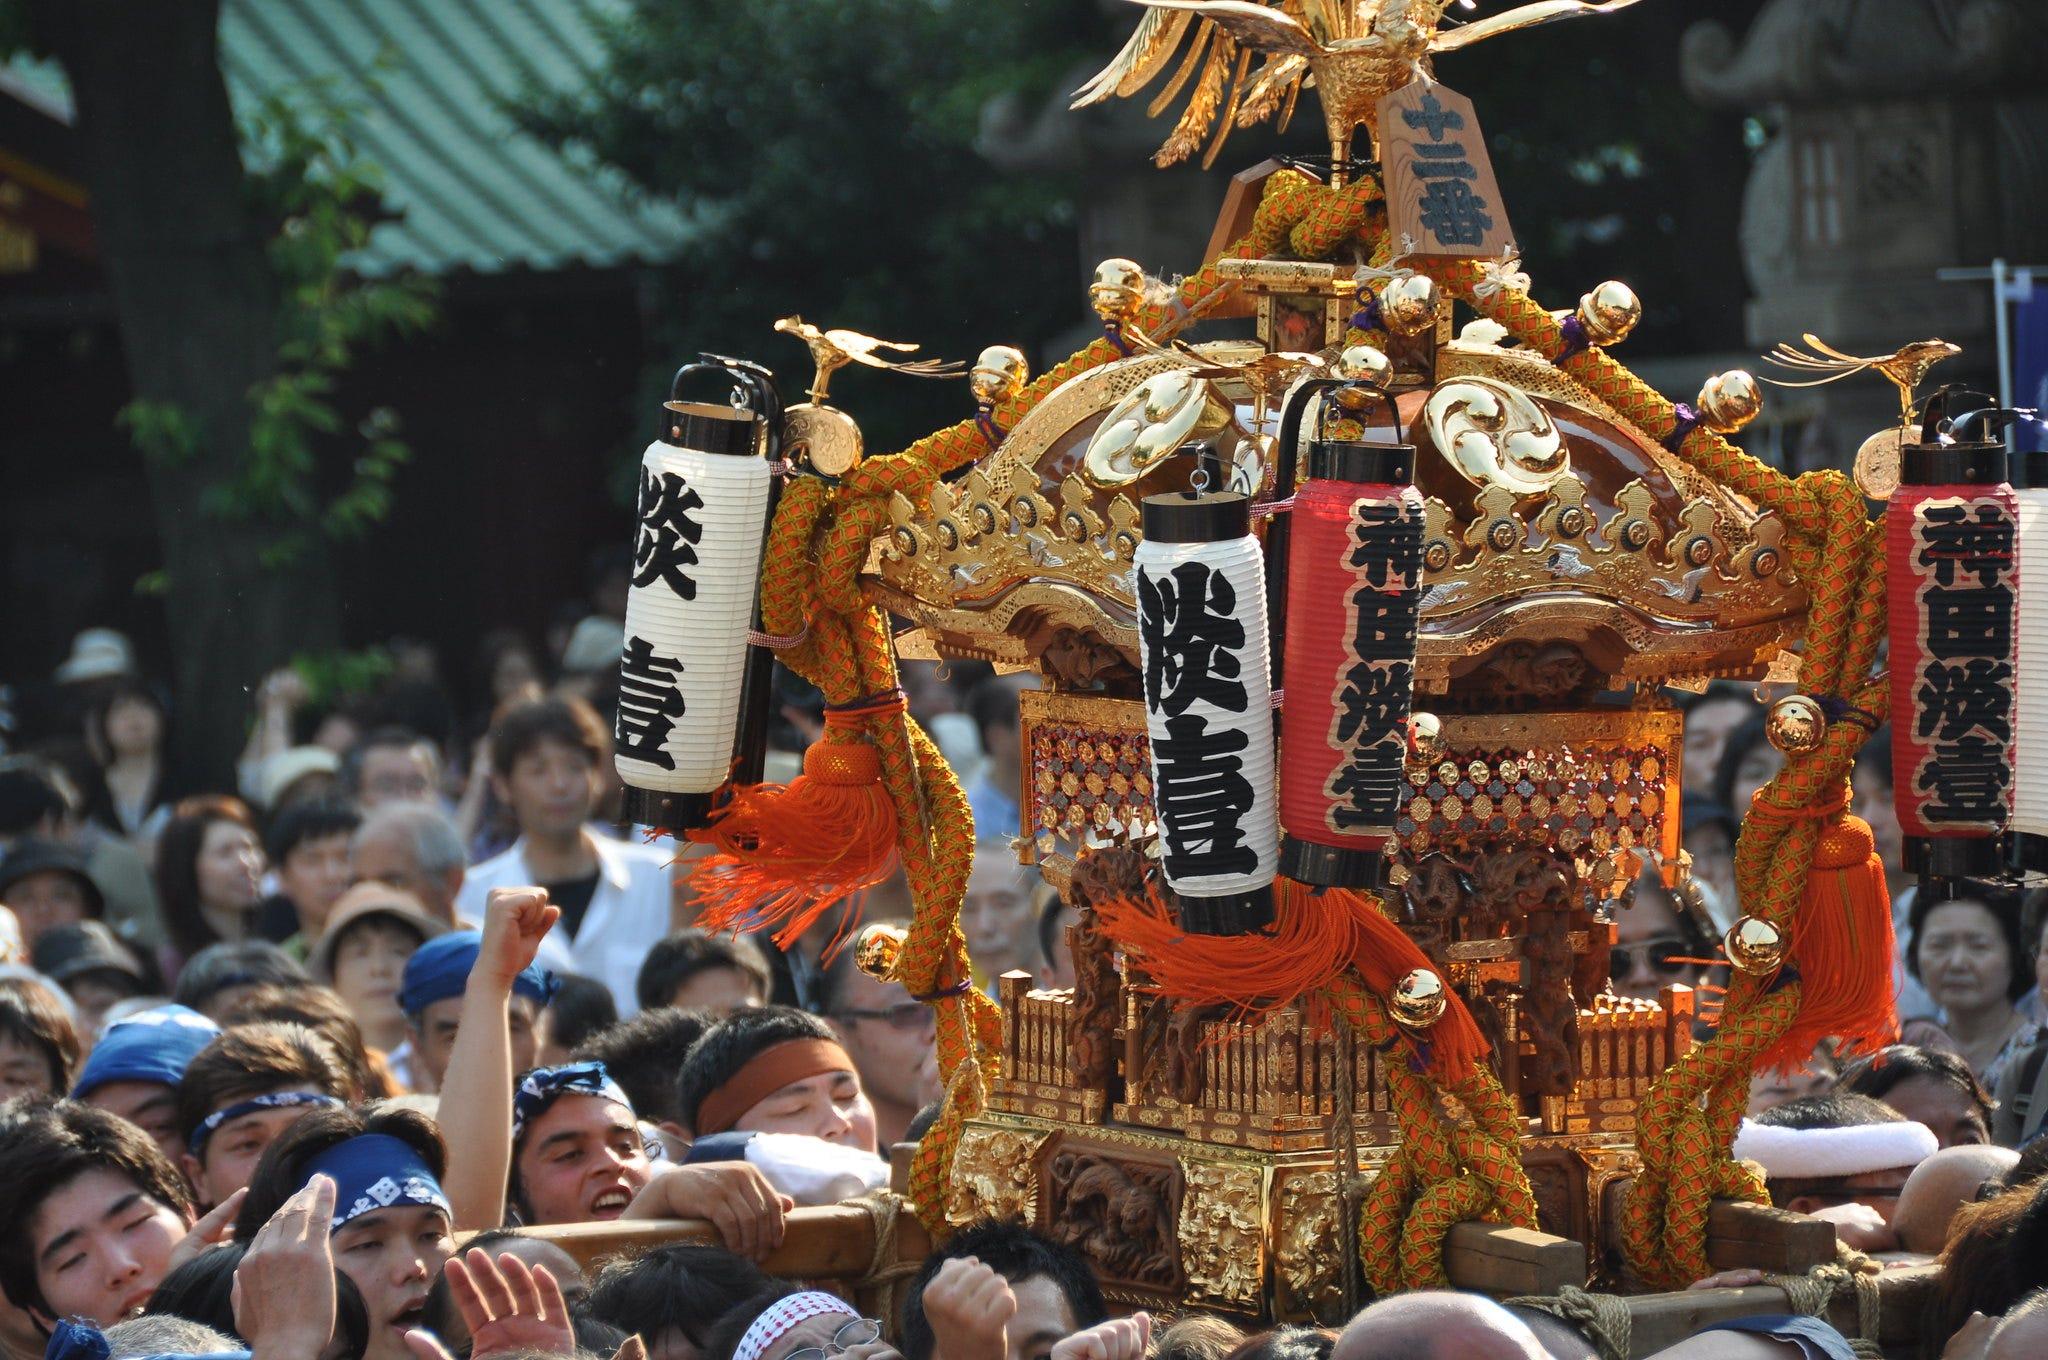 【2020.5】浩蕩地在鬧市馬路中穿梭!日本三大祭之一的東京神田祭 - 是日日本 - Medium